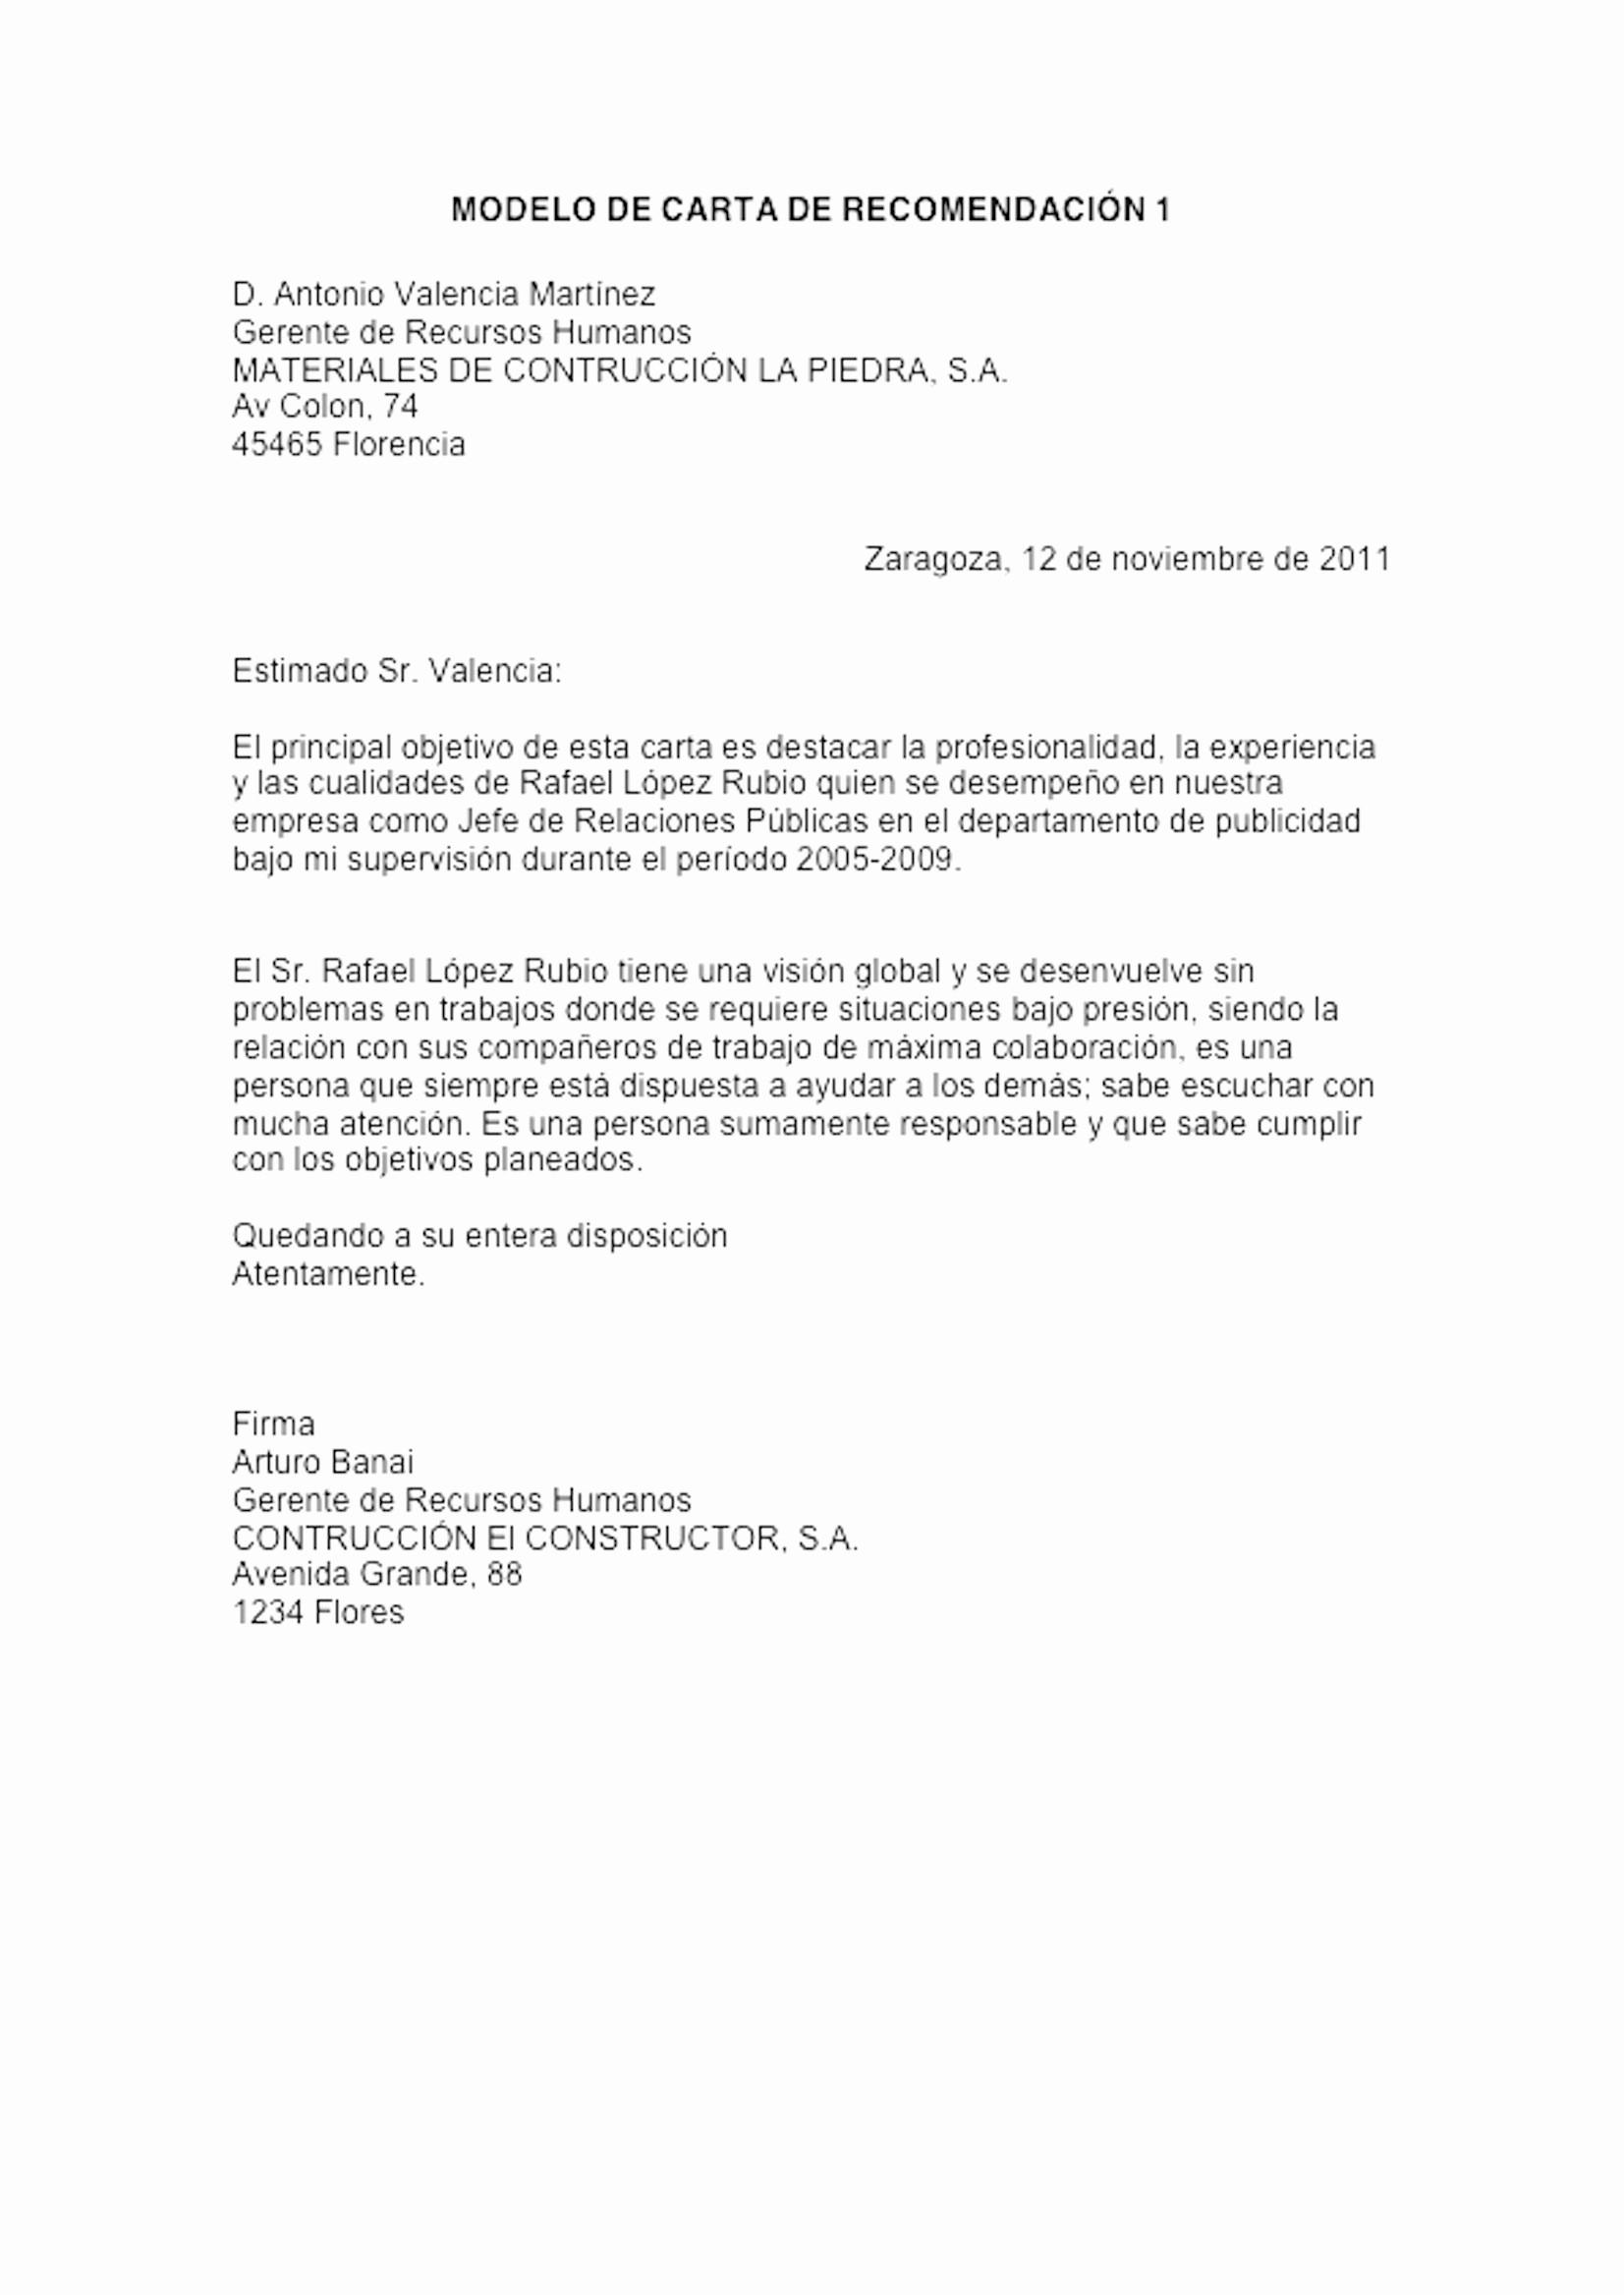 Ejemplo De Carta De Referencia Elegant Ejemplos De Cartas De Re Endacion forocoches